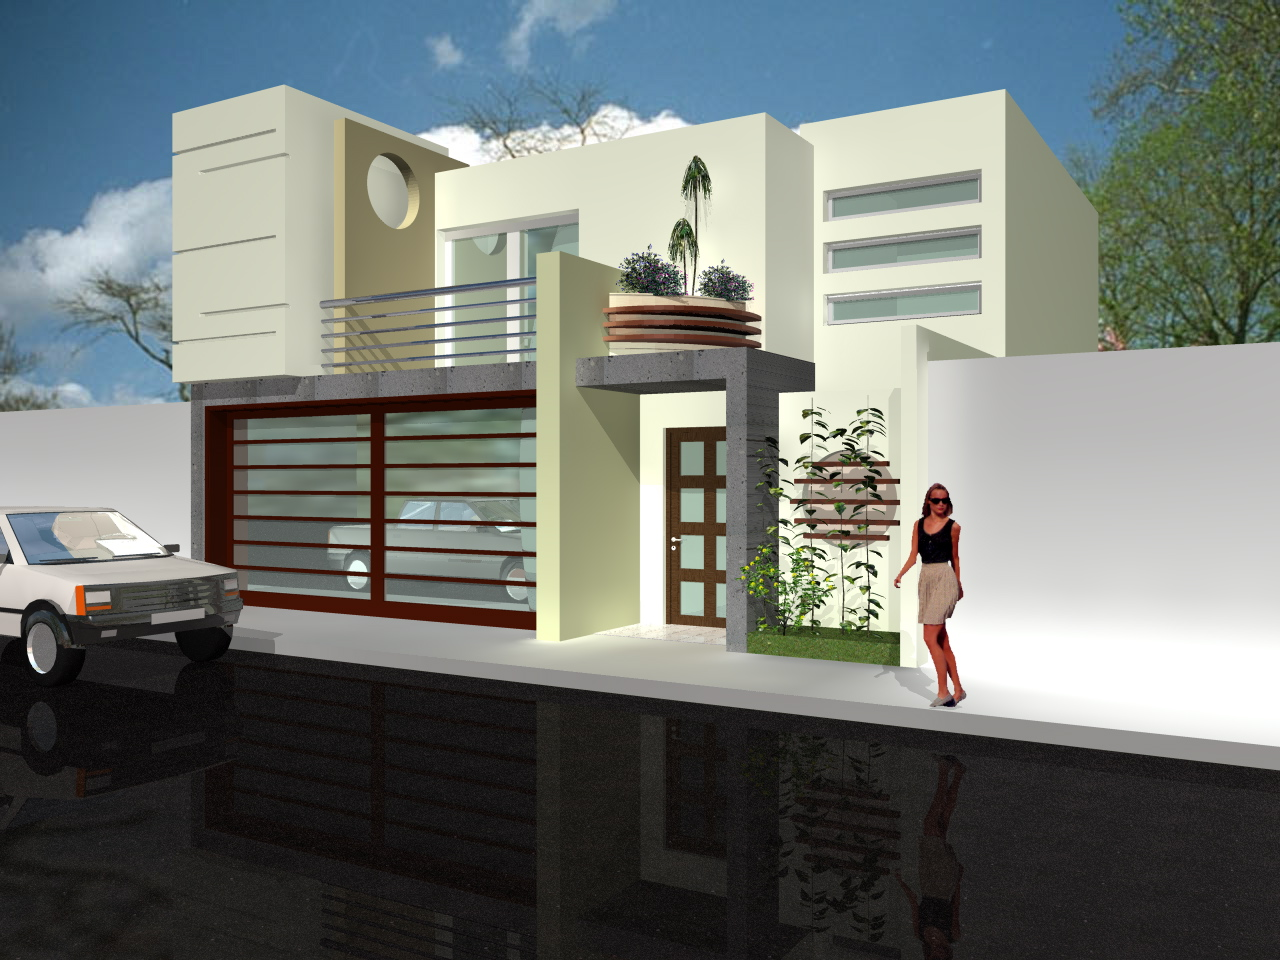 Share bienes raices casas en venta tipologias for Casas minimalistas en argentina